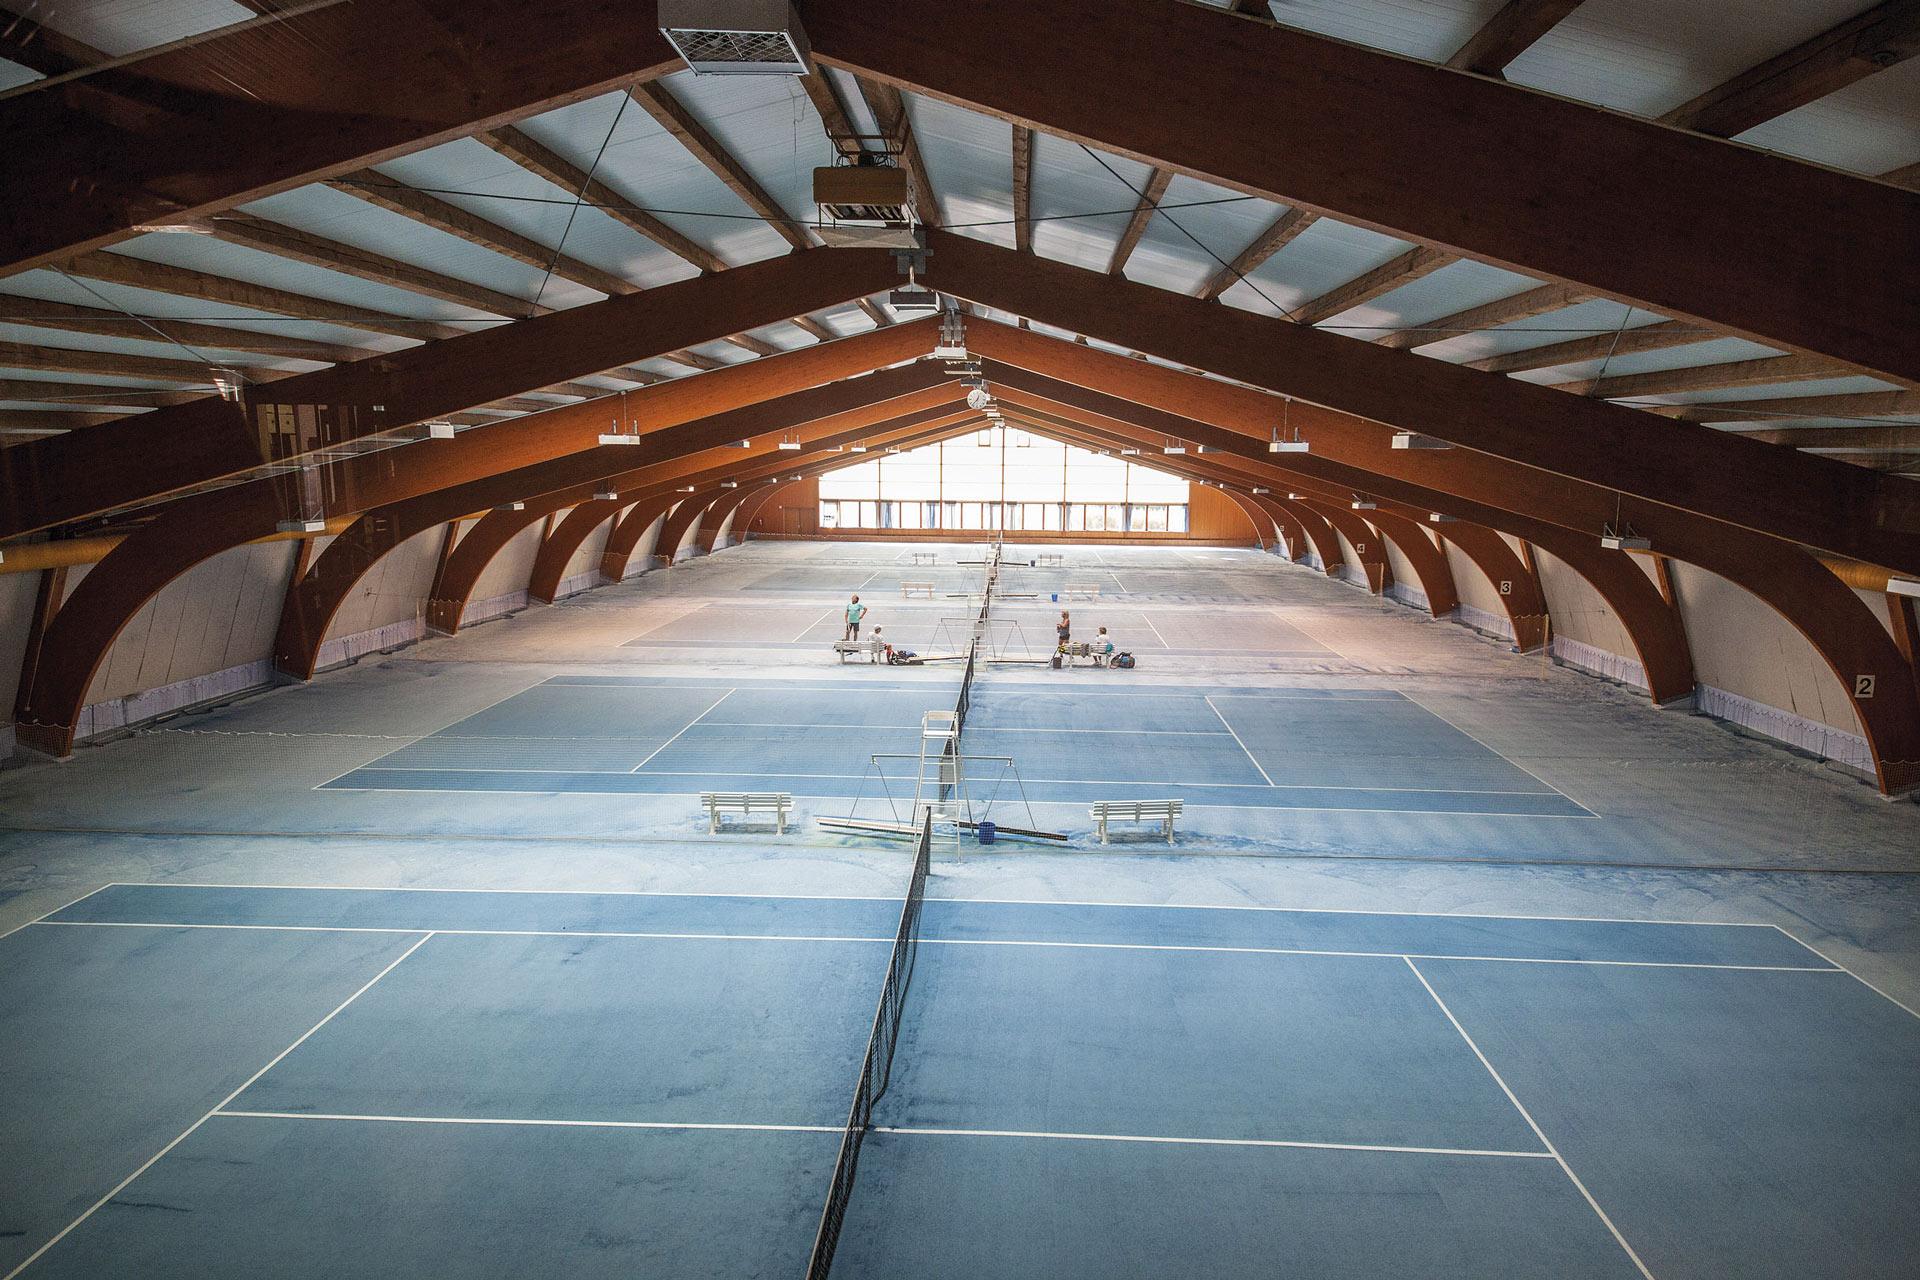 tennis-kippenheim-1920x1280px